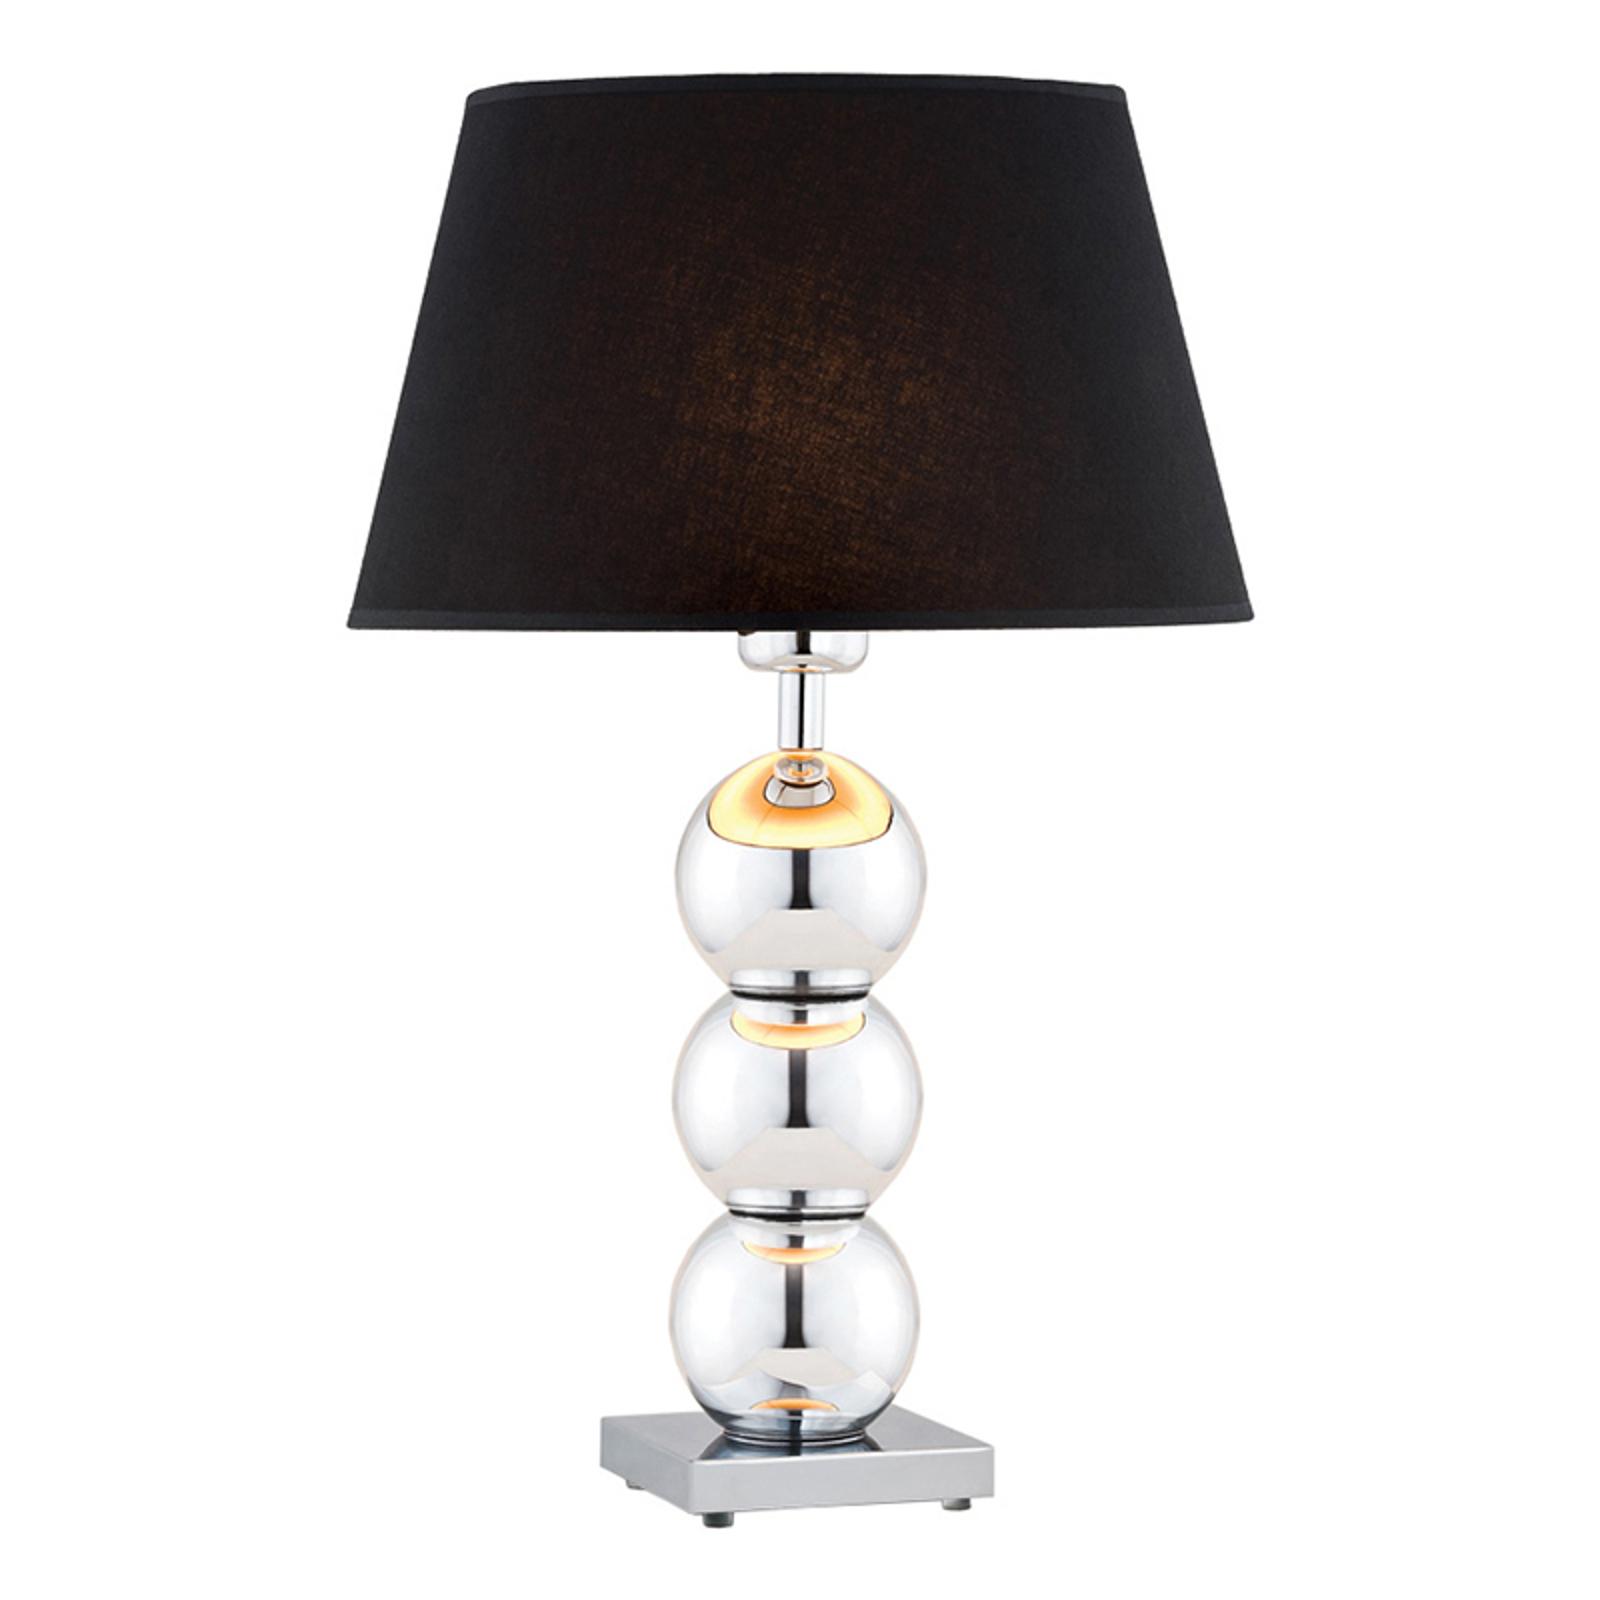 Tekstil-bordlampe Fulda, svart skjerm, kromfot